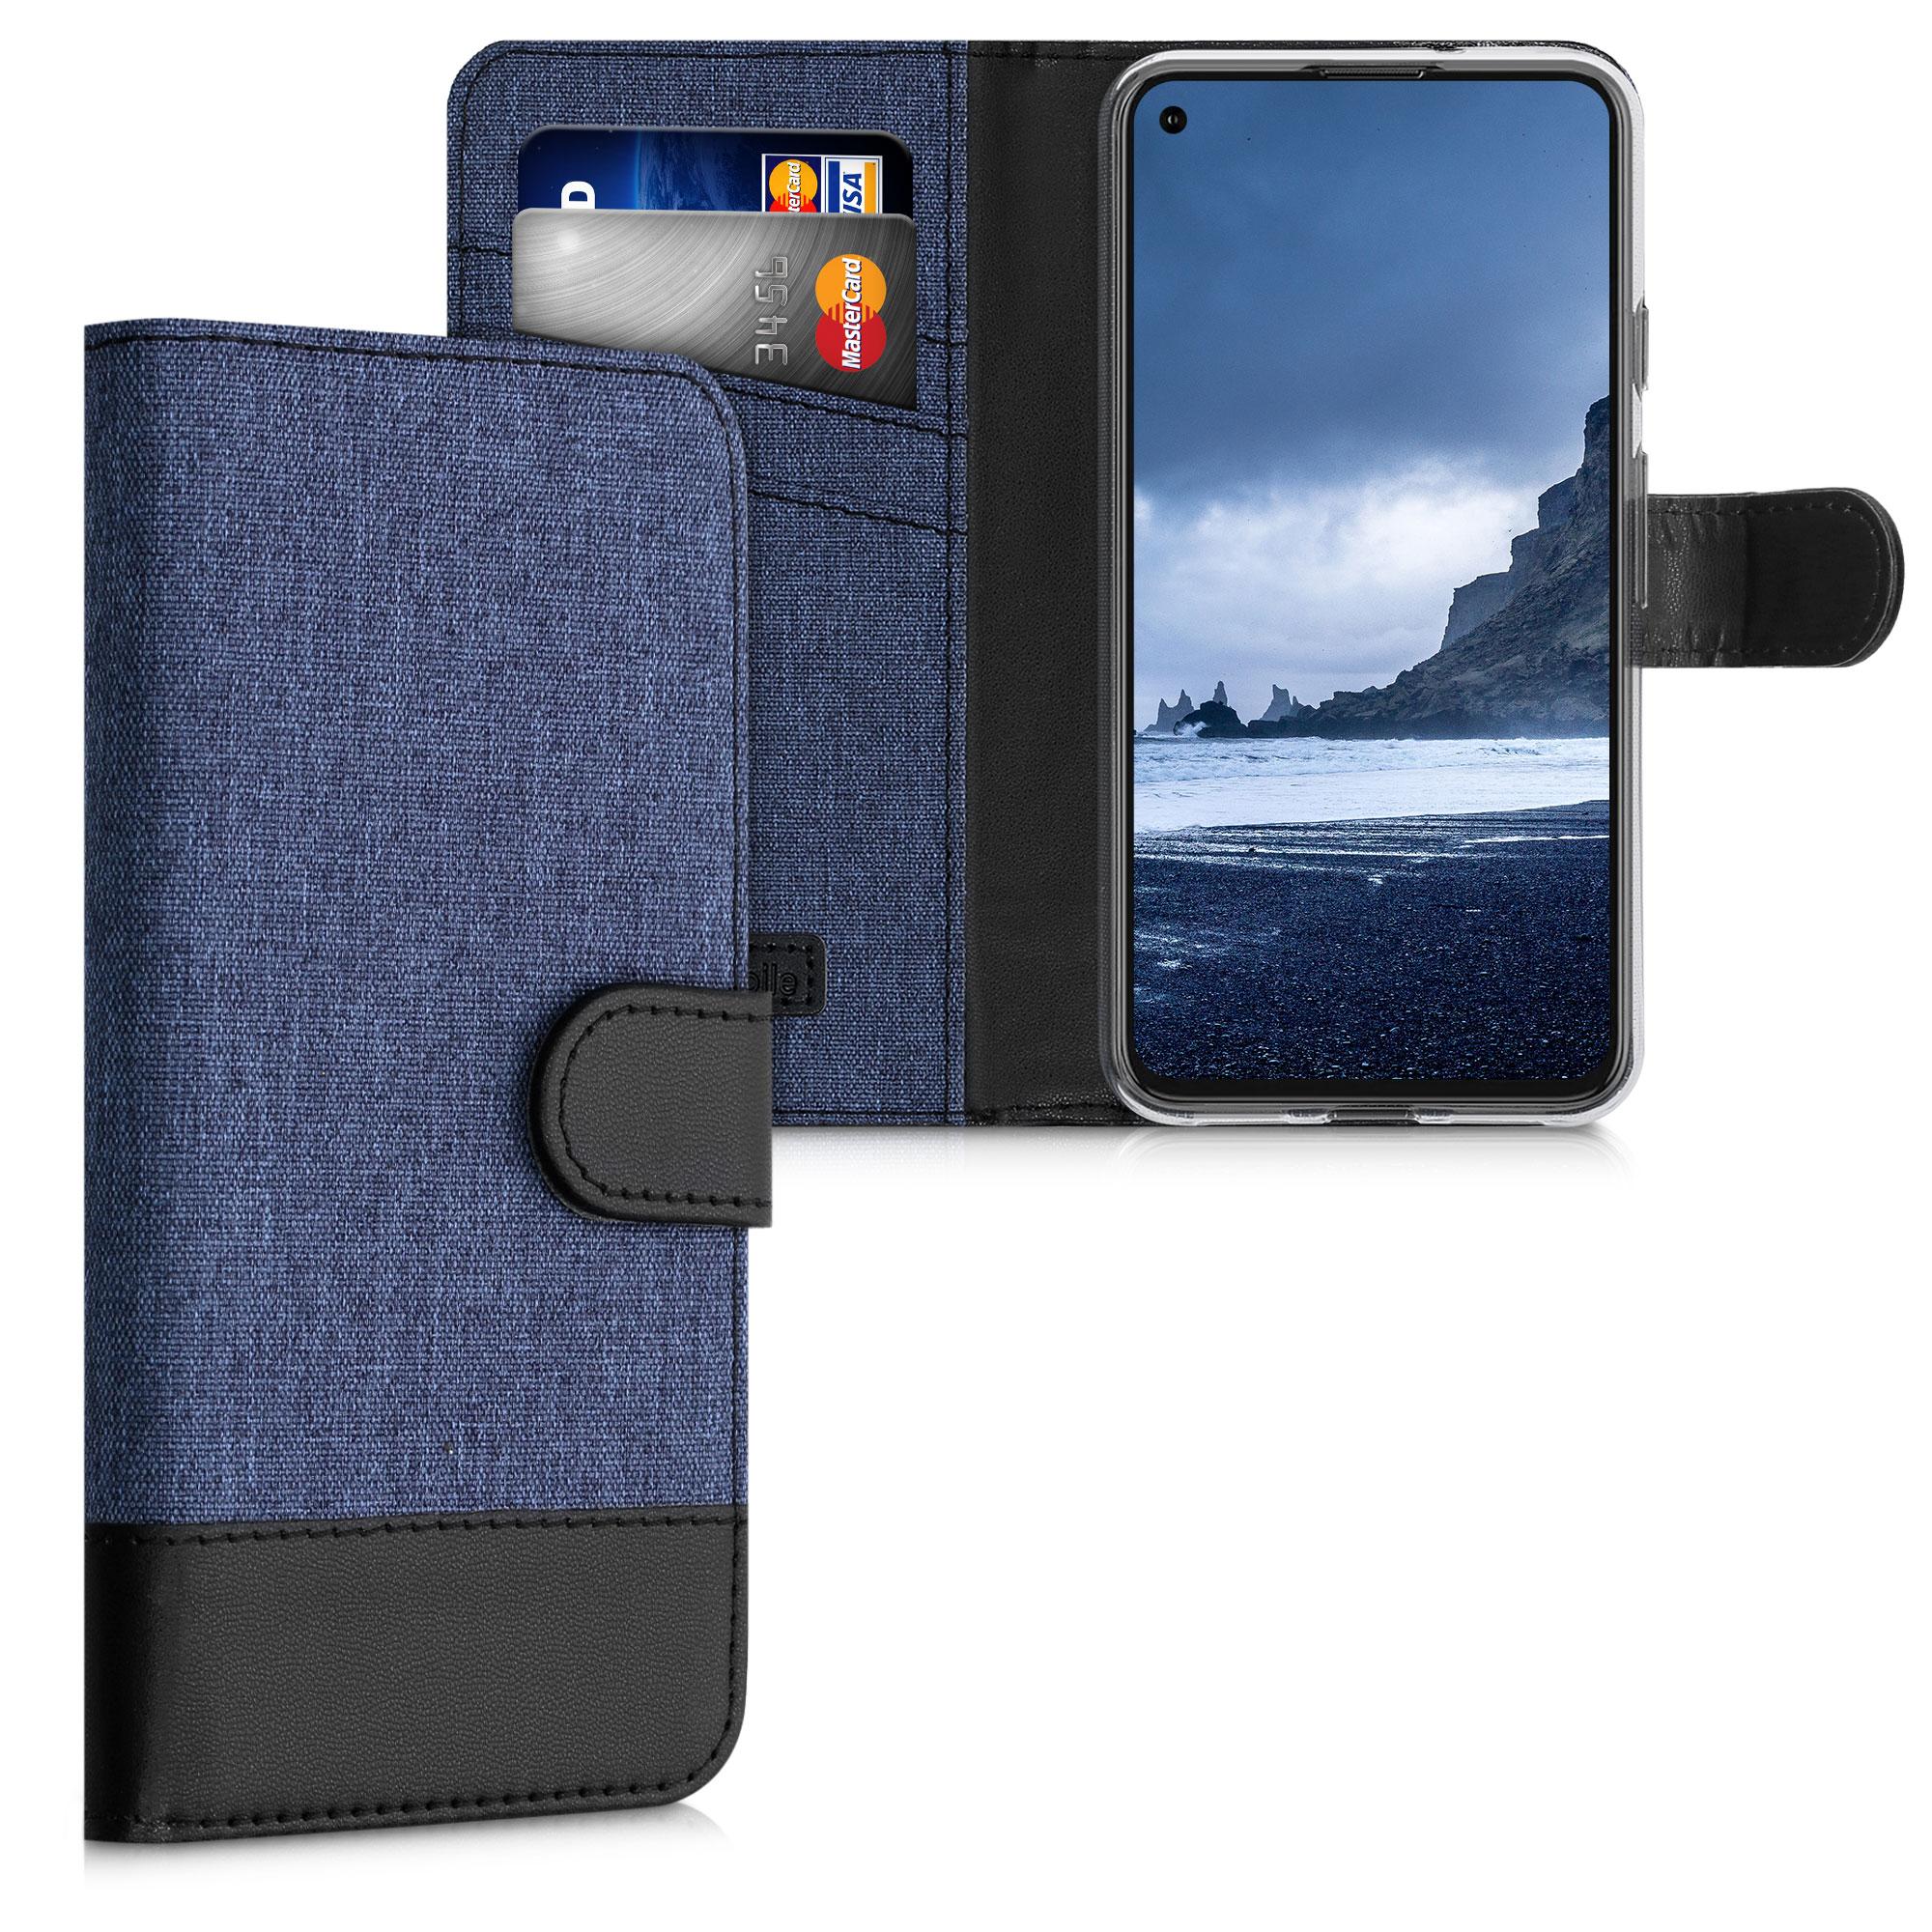 Textilní látkové pouzdro | obal pro Google Pixel 5 - Tmavě modrá / černá